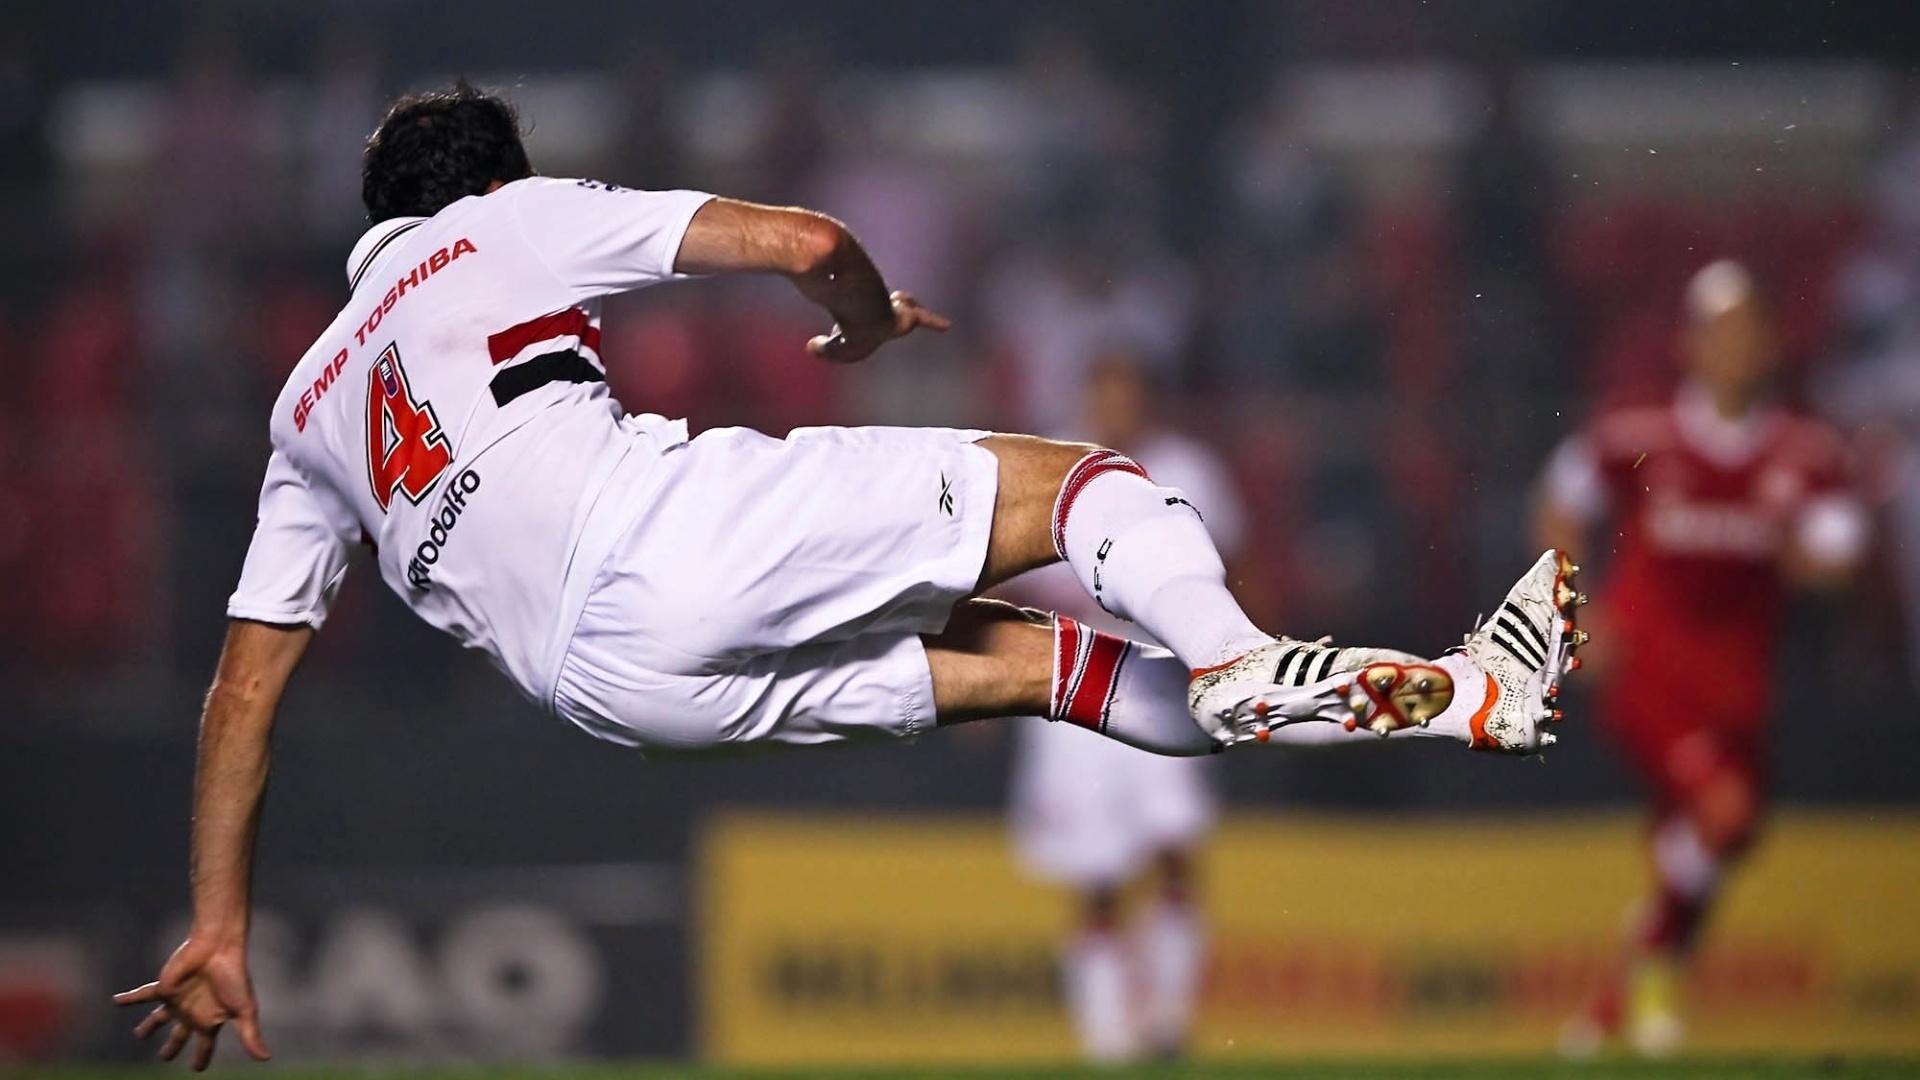 Rhodolfo cai no gramado do Morumbi após subir e cabecear a bola durante o jogo com o Inter